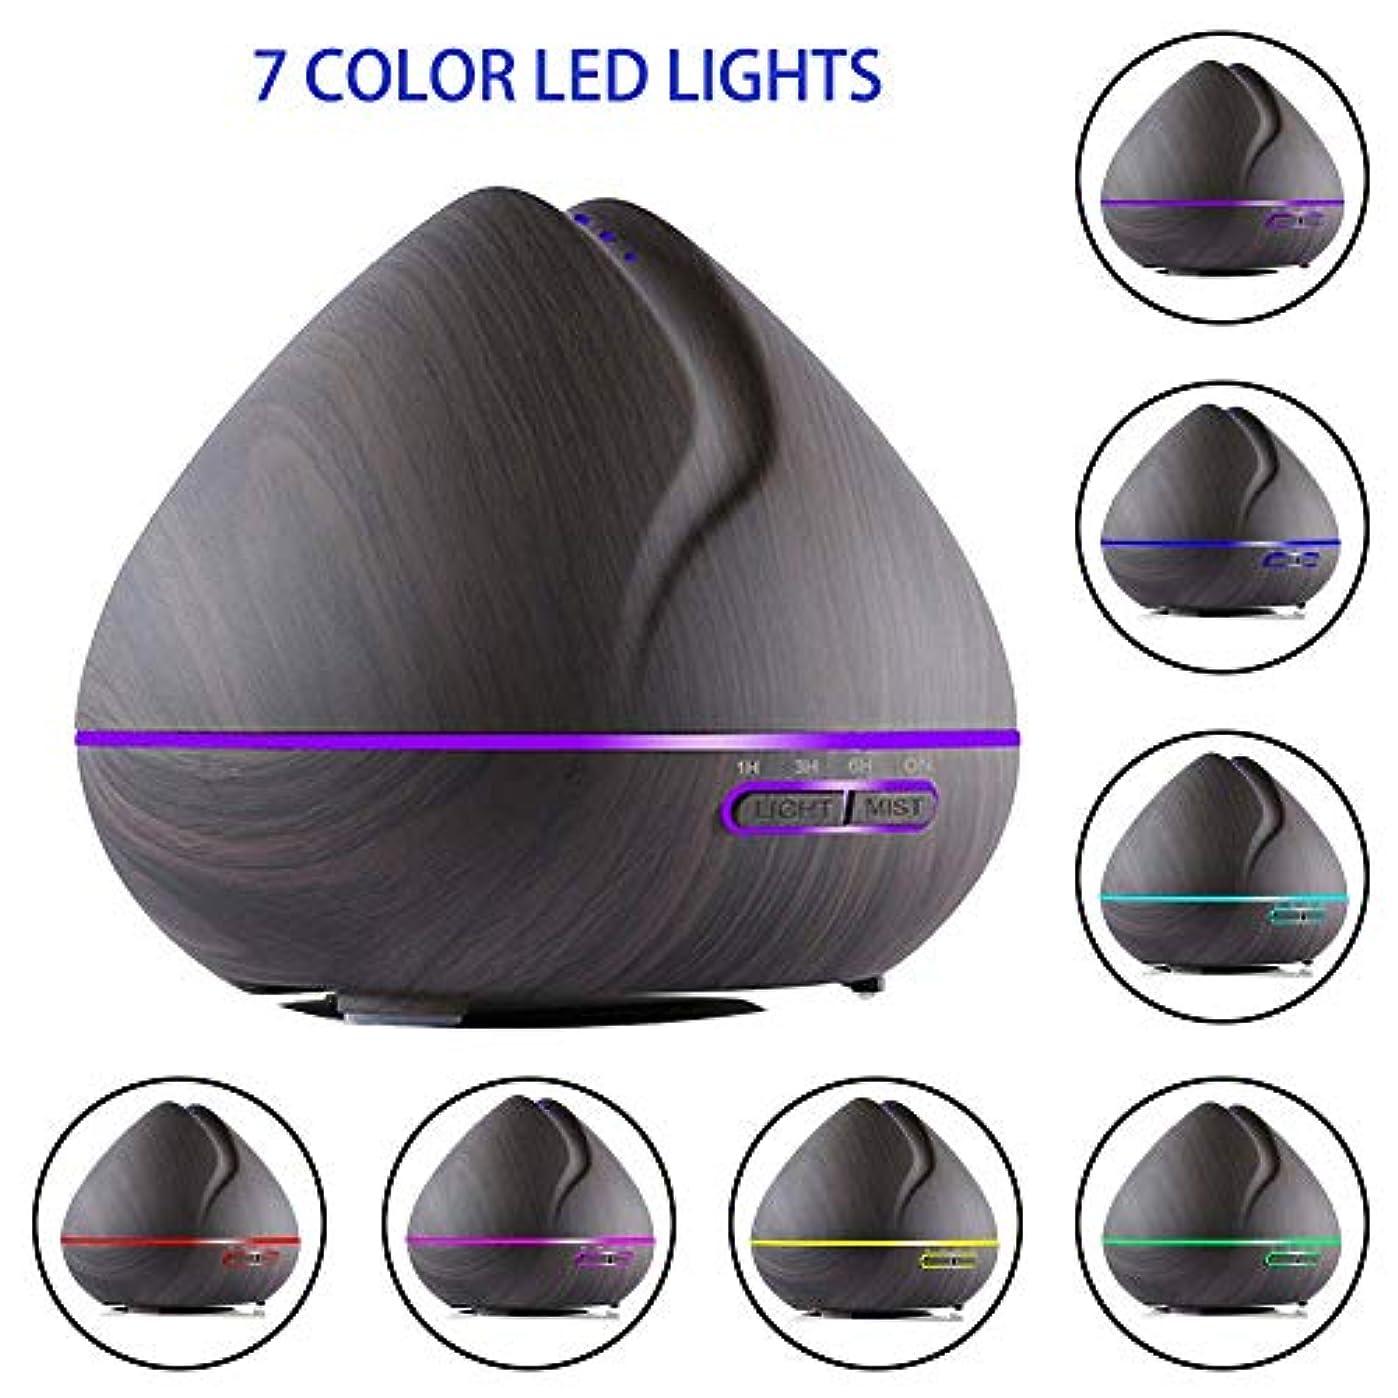 アロマテラピーエッセンシャルオイルディフューザーウッドグレイン500ミリリットル超音波アロマクールミスト加湿器で7色ledライト/ウォーターレス自動シャットダウン/ 3タイマー設定